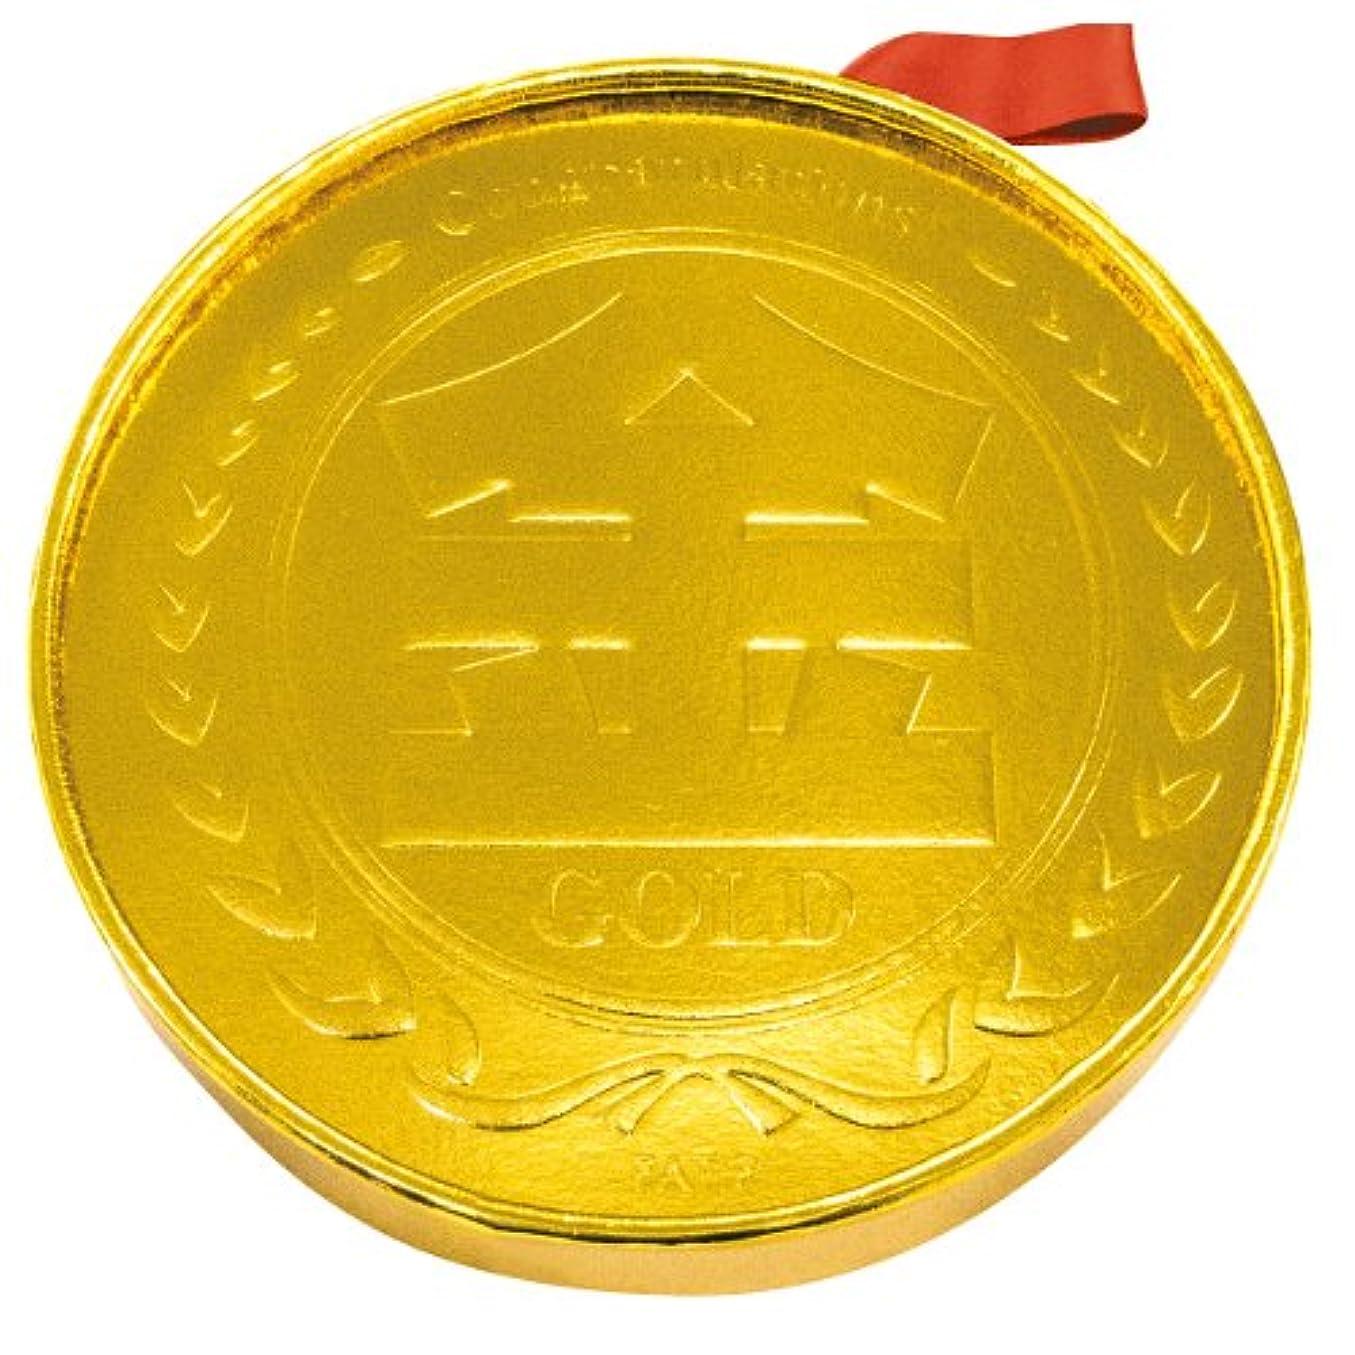 段落反動軍艦金の円柱箱入 金メダルにそっくり?! でも中身はティッシュ 林製紙金メダルティッシュ 20枚(10組) 100個入